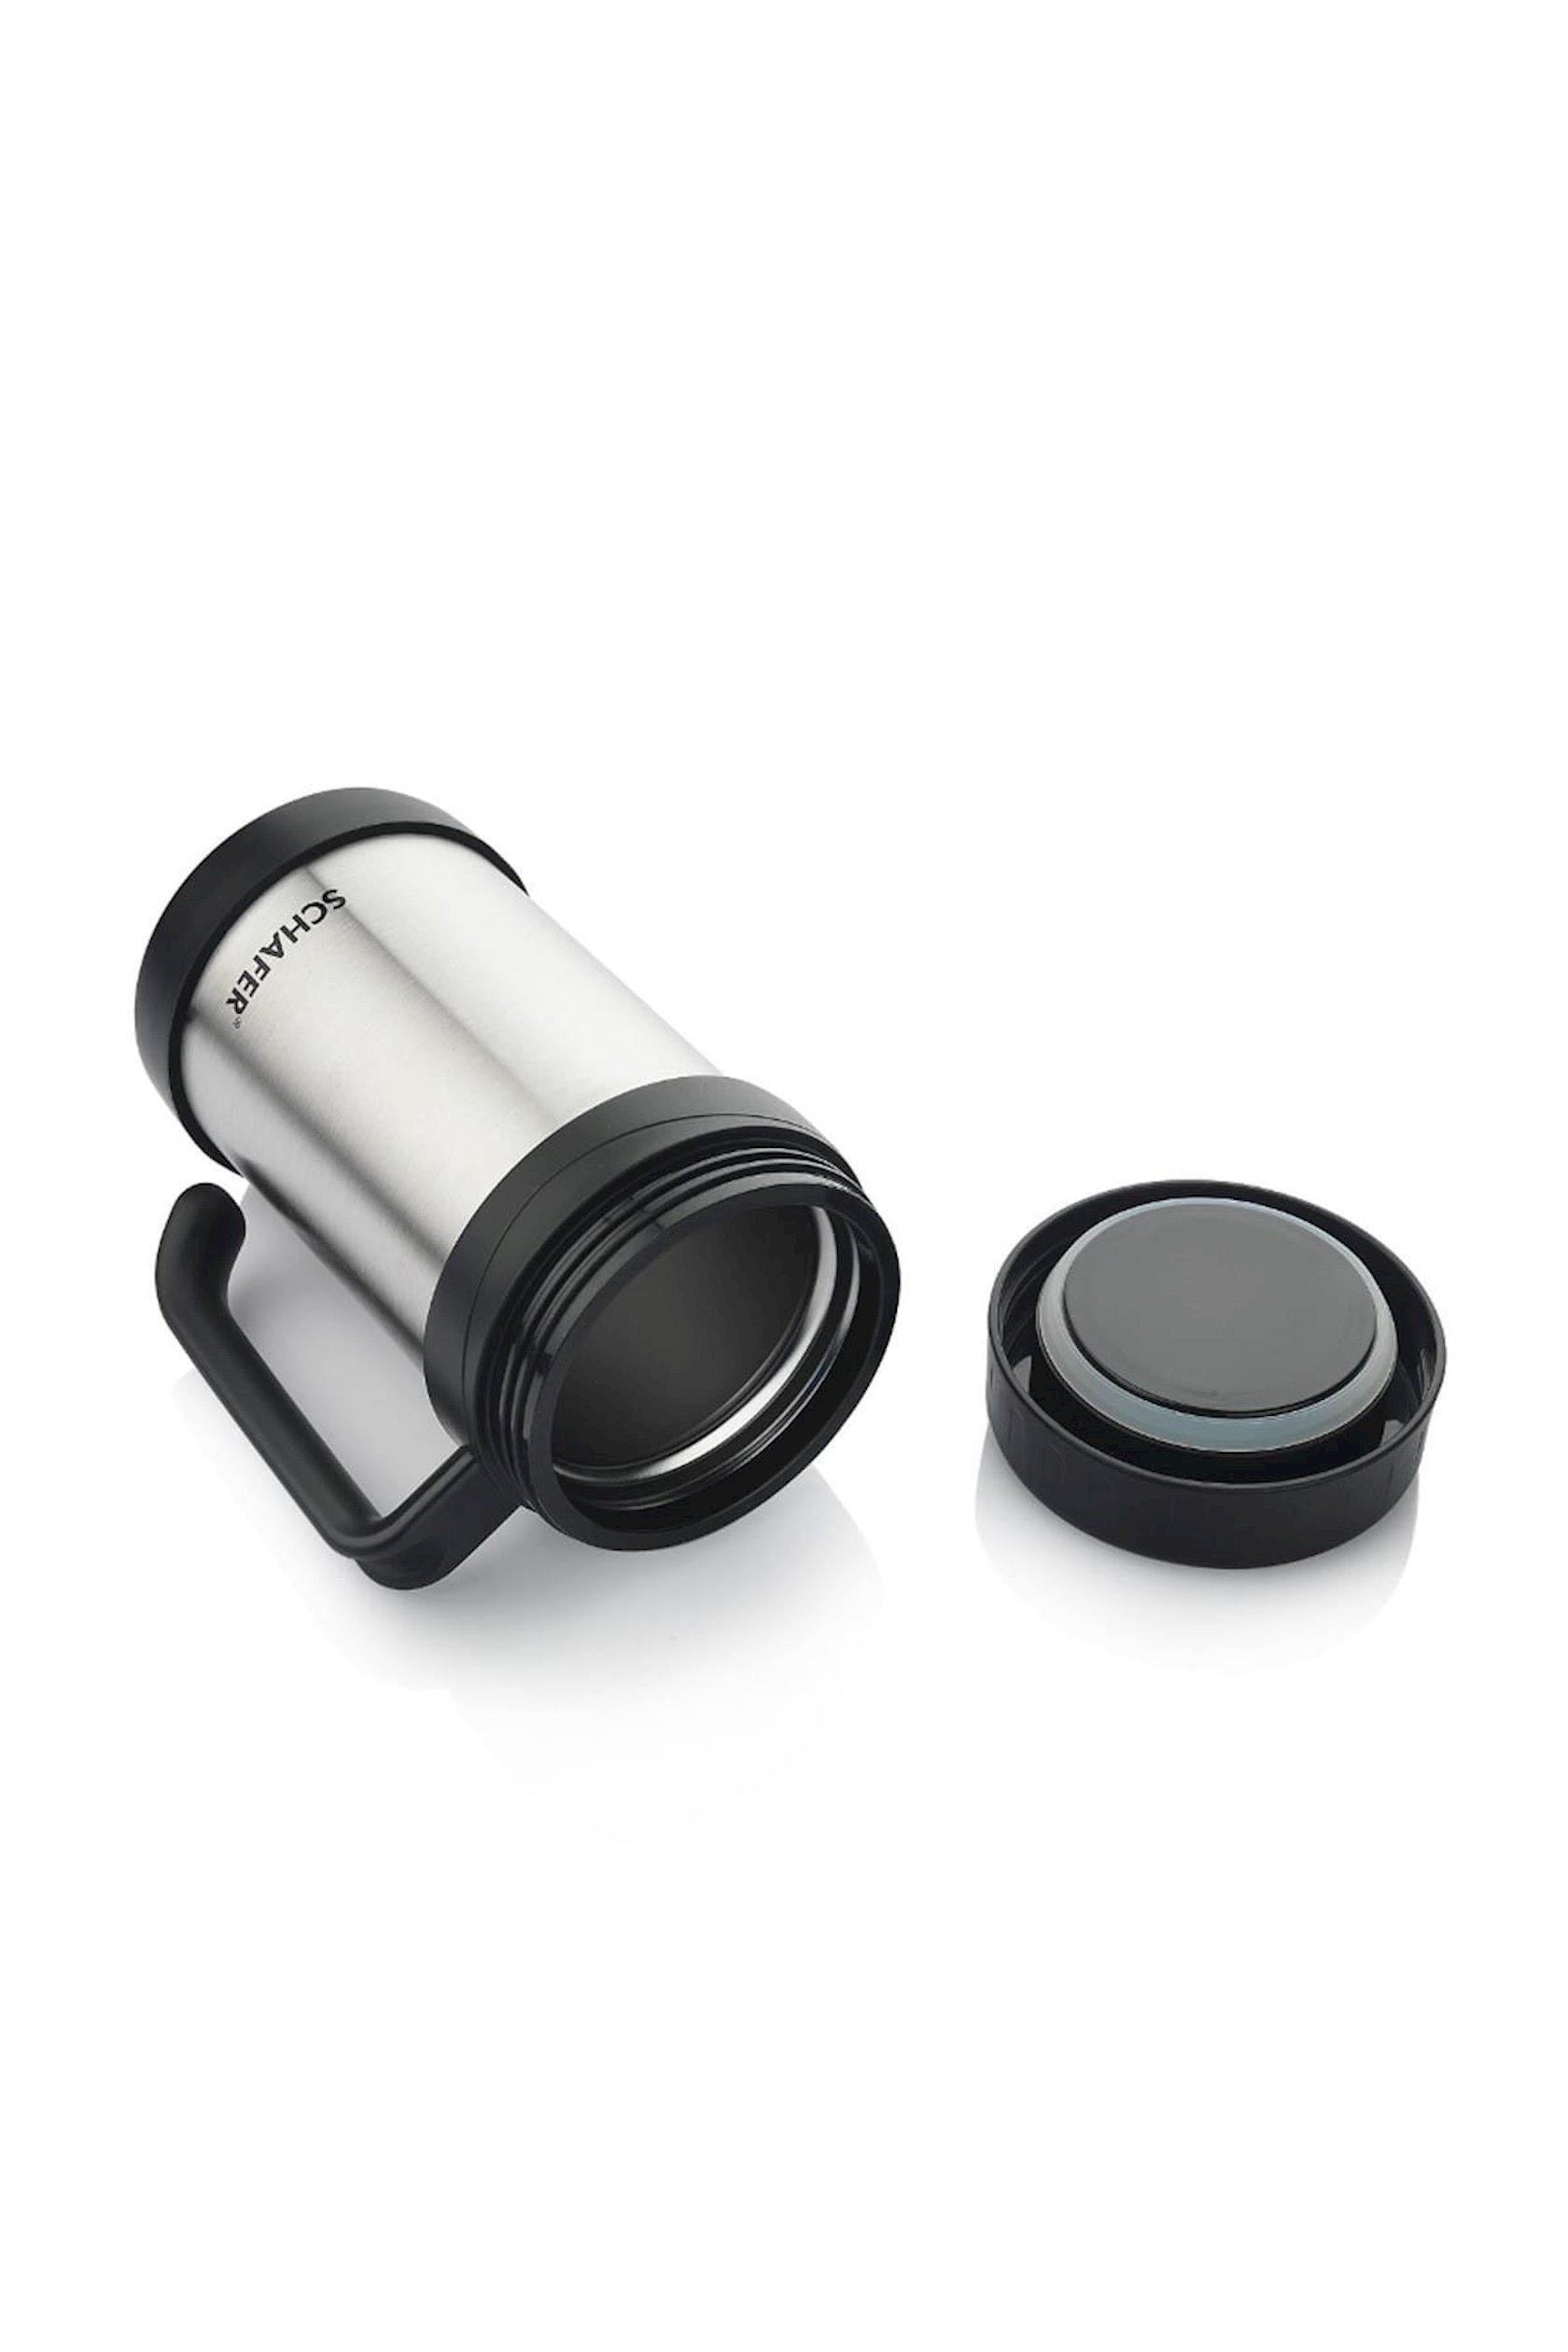 Termofincan Schafer Iron Man Thermos Cup, 500 ml, qara